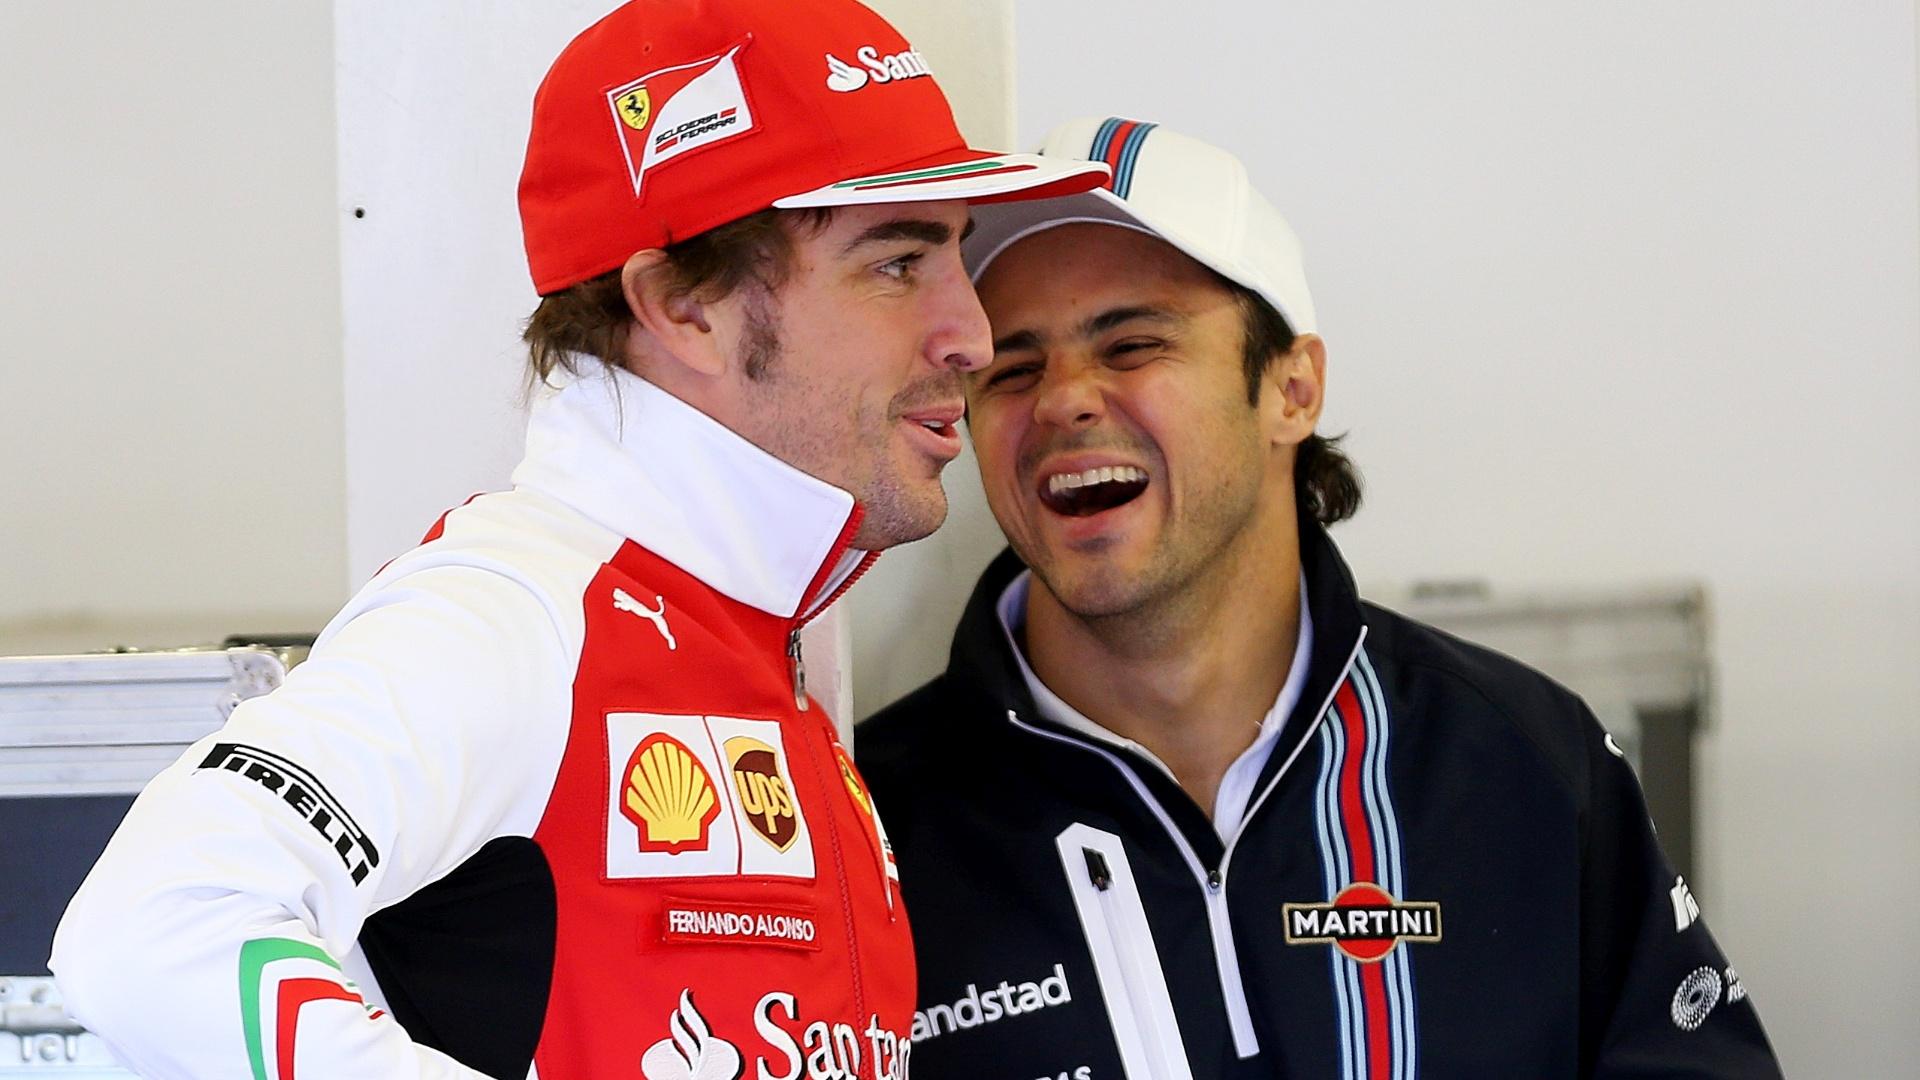 Fernando Alonso e Felipe Massa conversam nos boxes em Silverstone. Os dois trabalharam juntos na Ferrari de 2010 a 2013